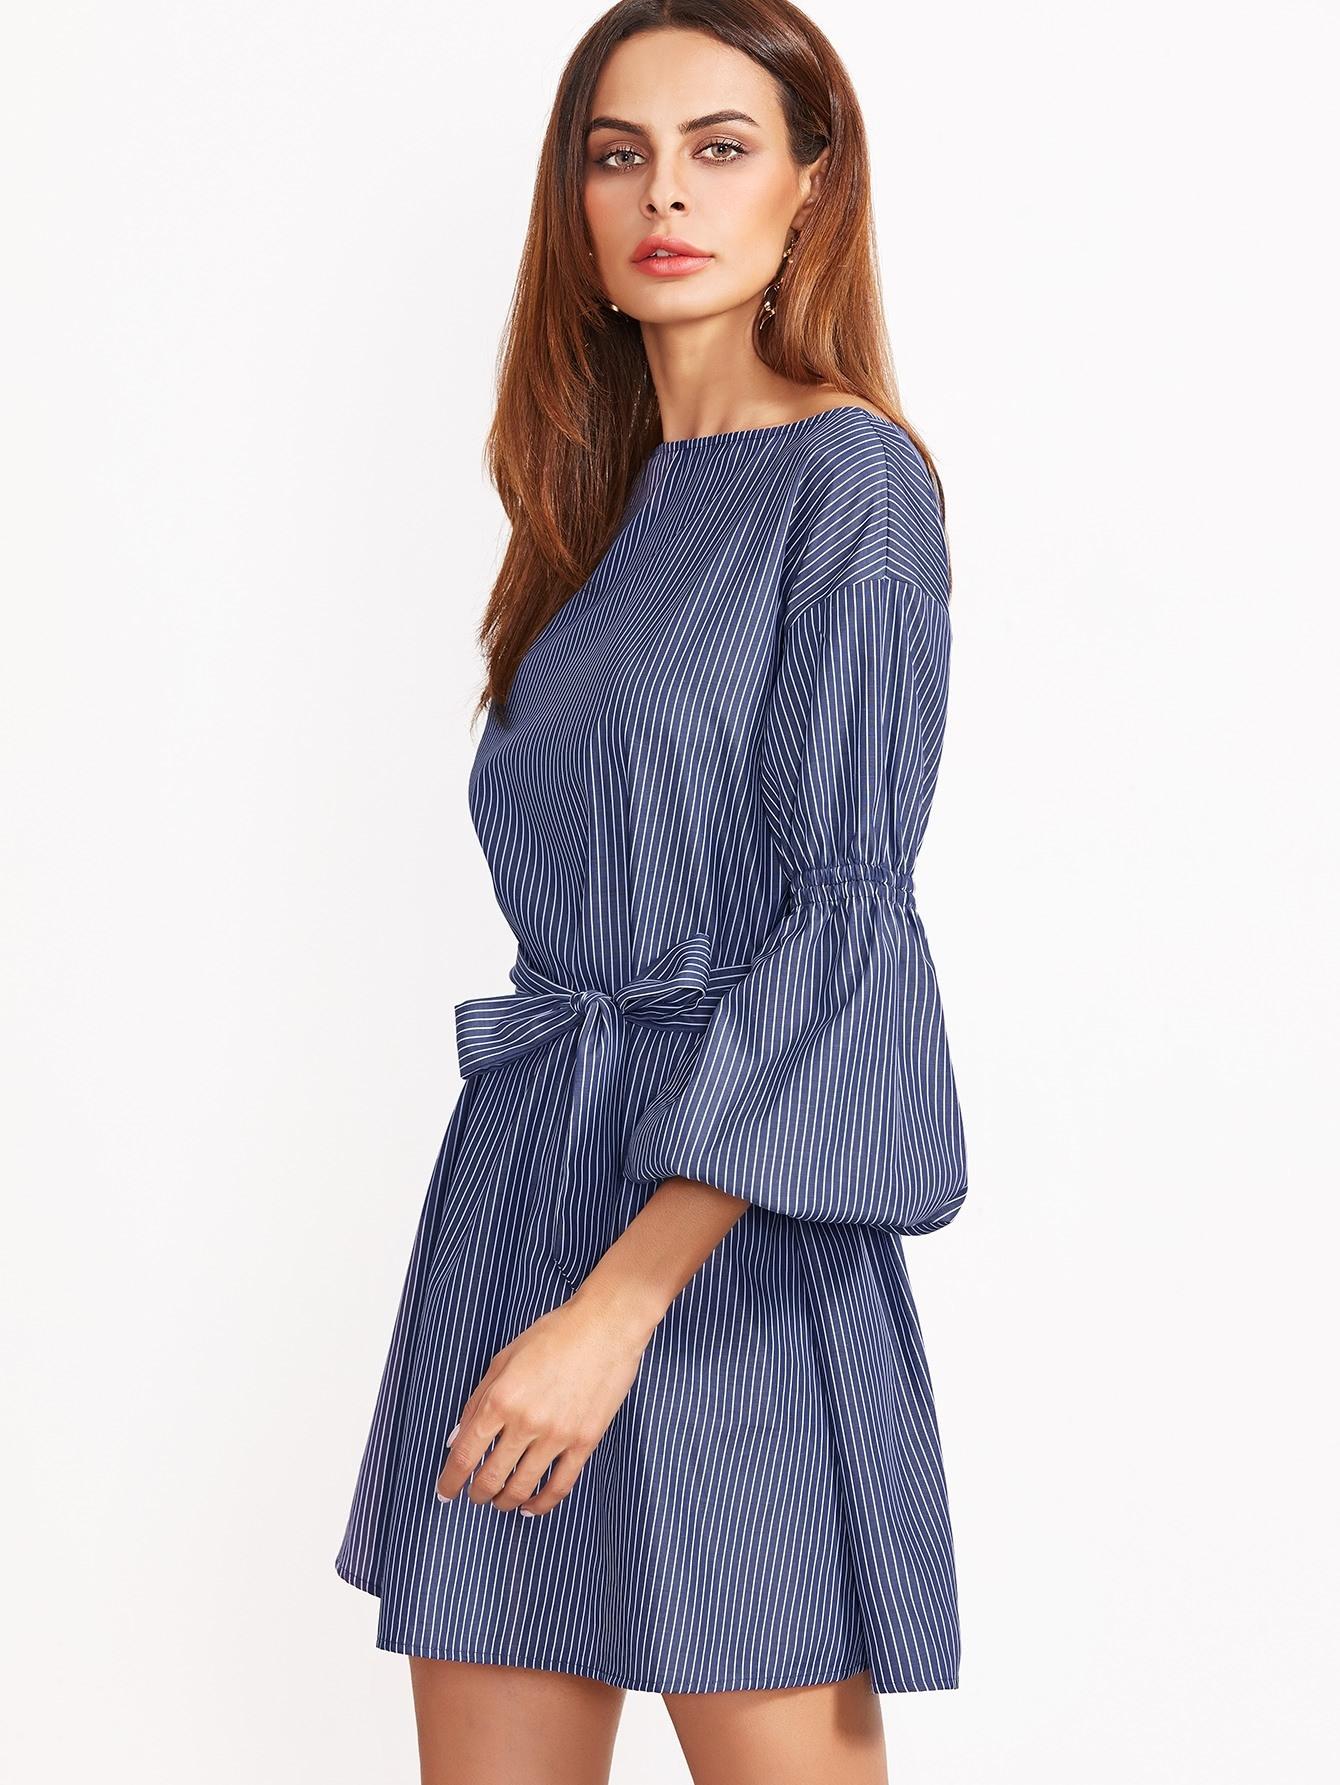 13 Leicht Kleid Blau Kurz Design13 Schön Kleid Blau Kurz Vertrieb